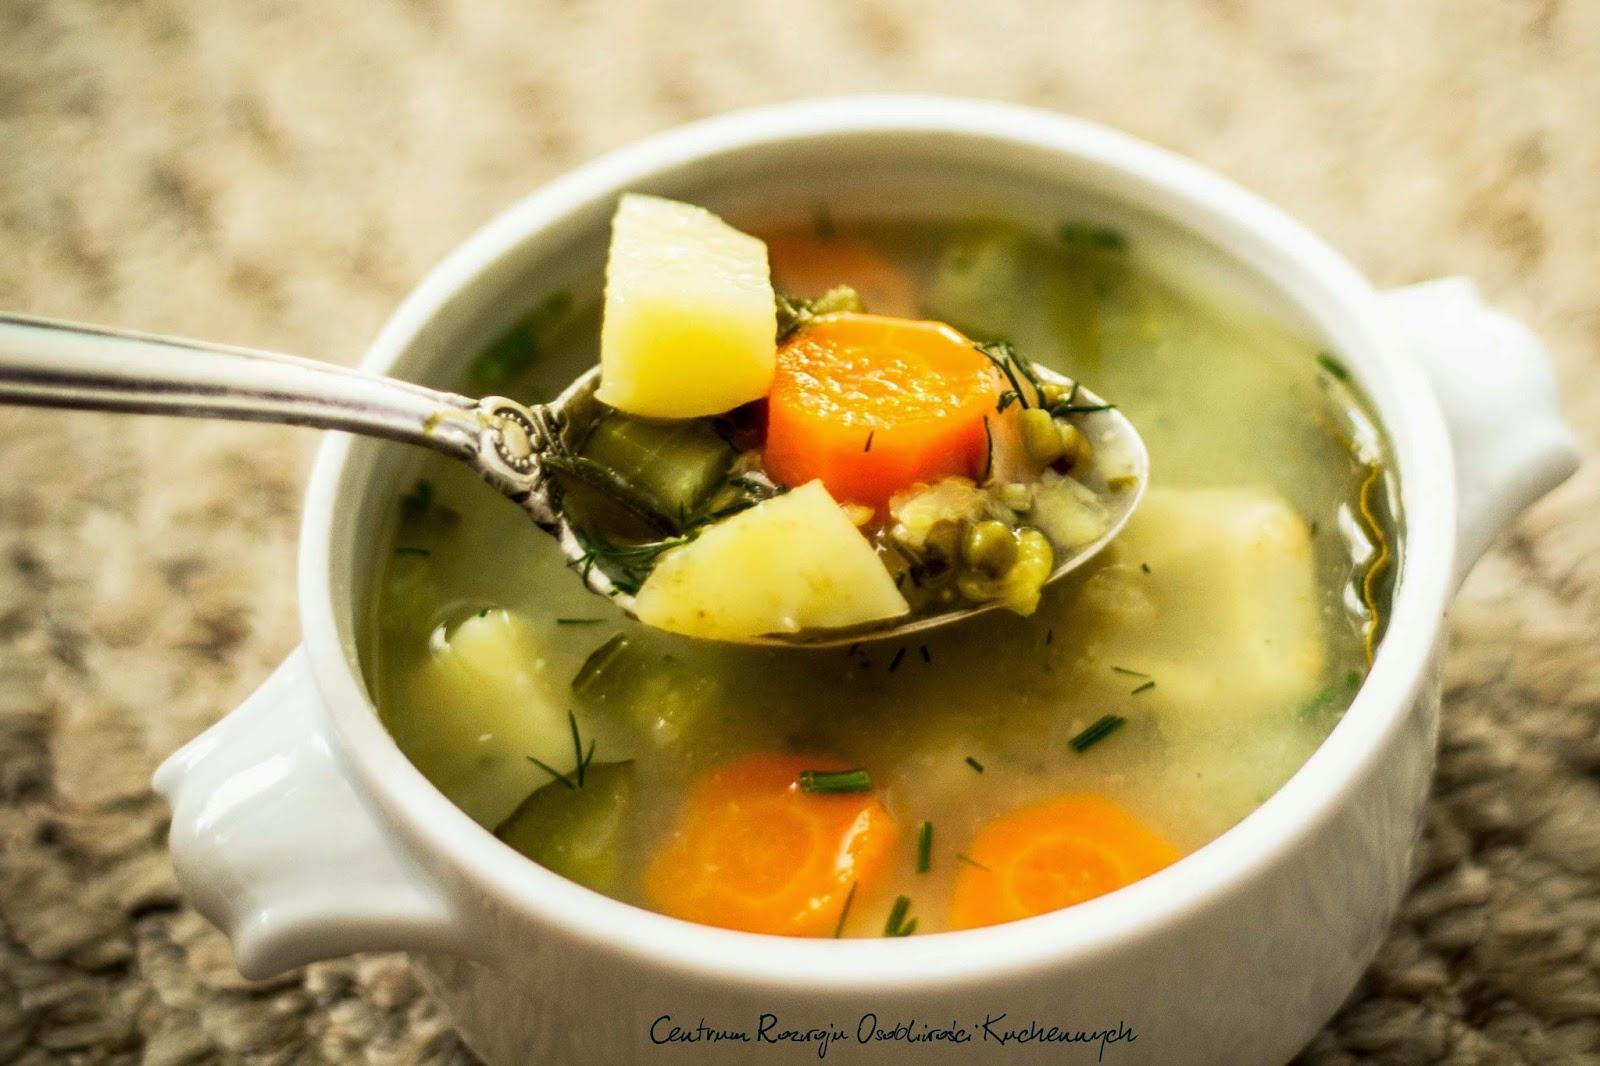 Jedna z prostszych i pyszniejszych zup...koperkowo-ogórkowa